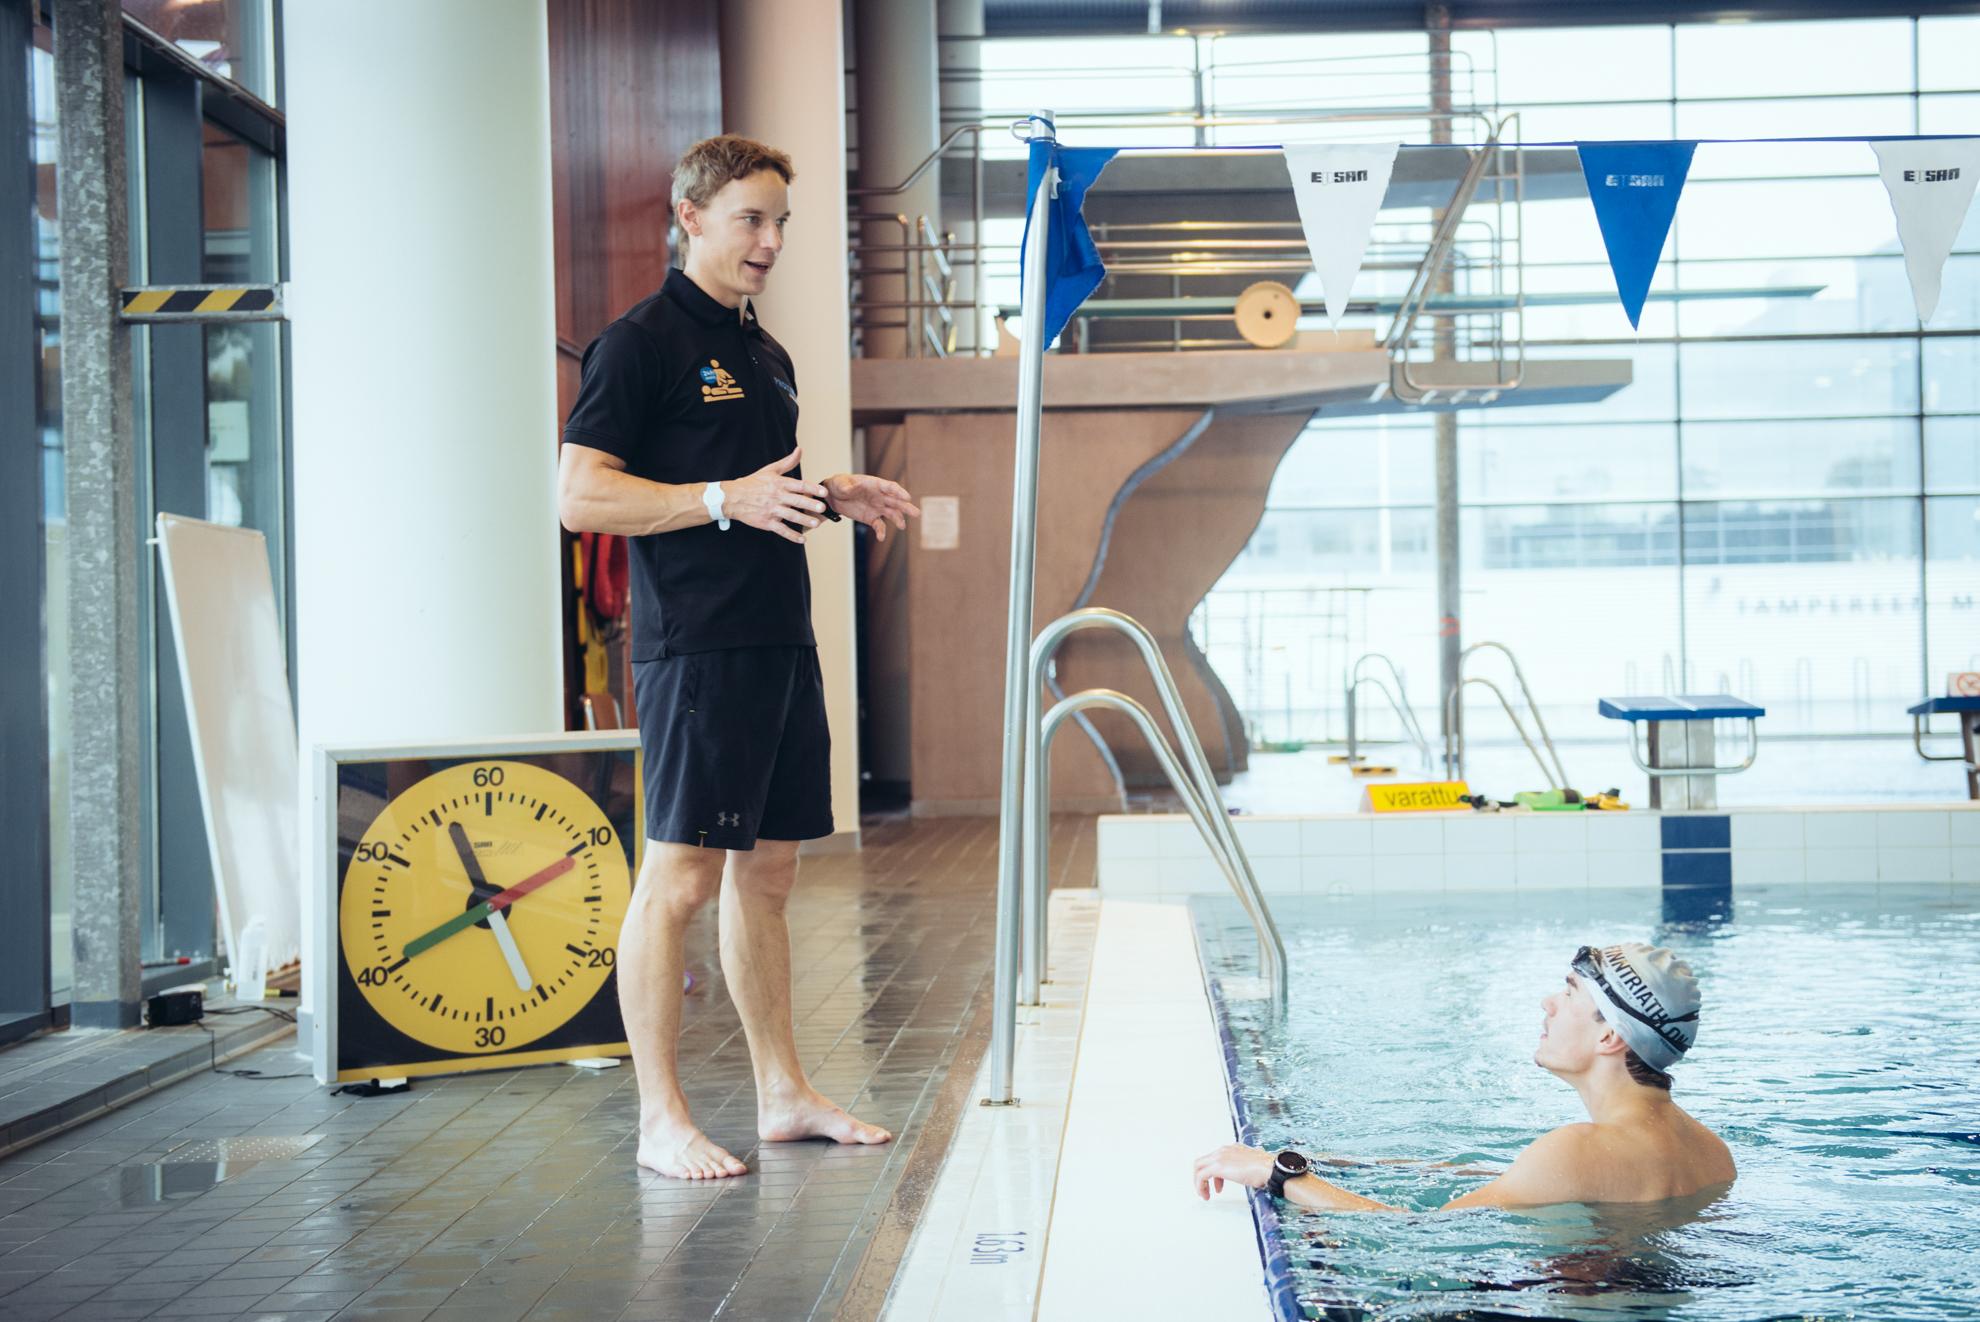 kestävyysvalmennus juoksuvalmennus uintivalmennus triathlonvalmennus Fysioterapia-hieronta-urheiluhieronta-äitiysfysitoerapia-fysio-omt fysioterapia-